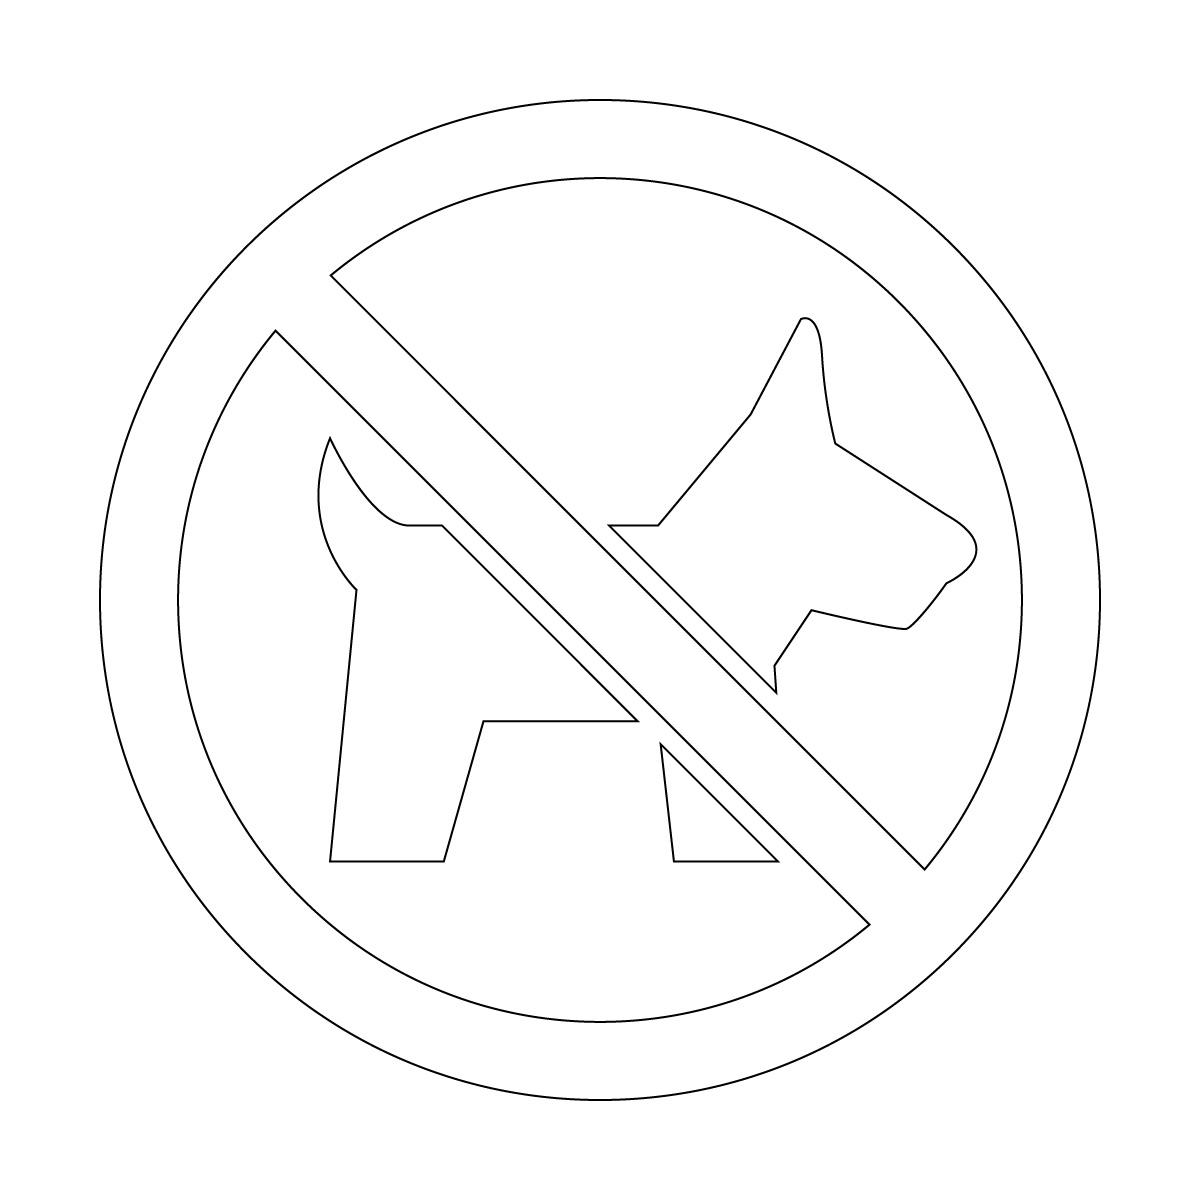 白色のペット・動物の入店を禁止するマークのカッティングステッカーシール